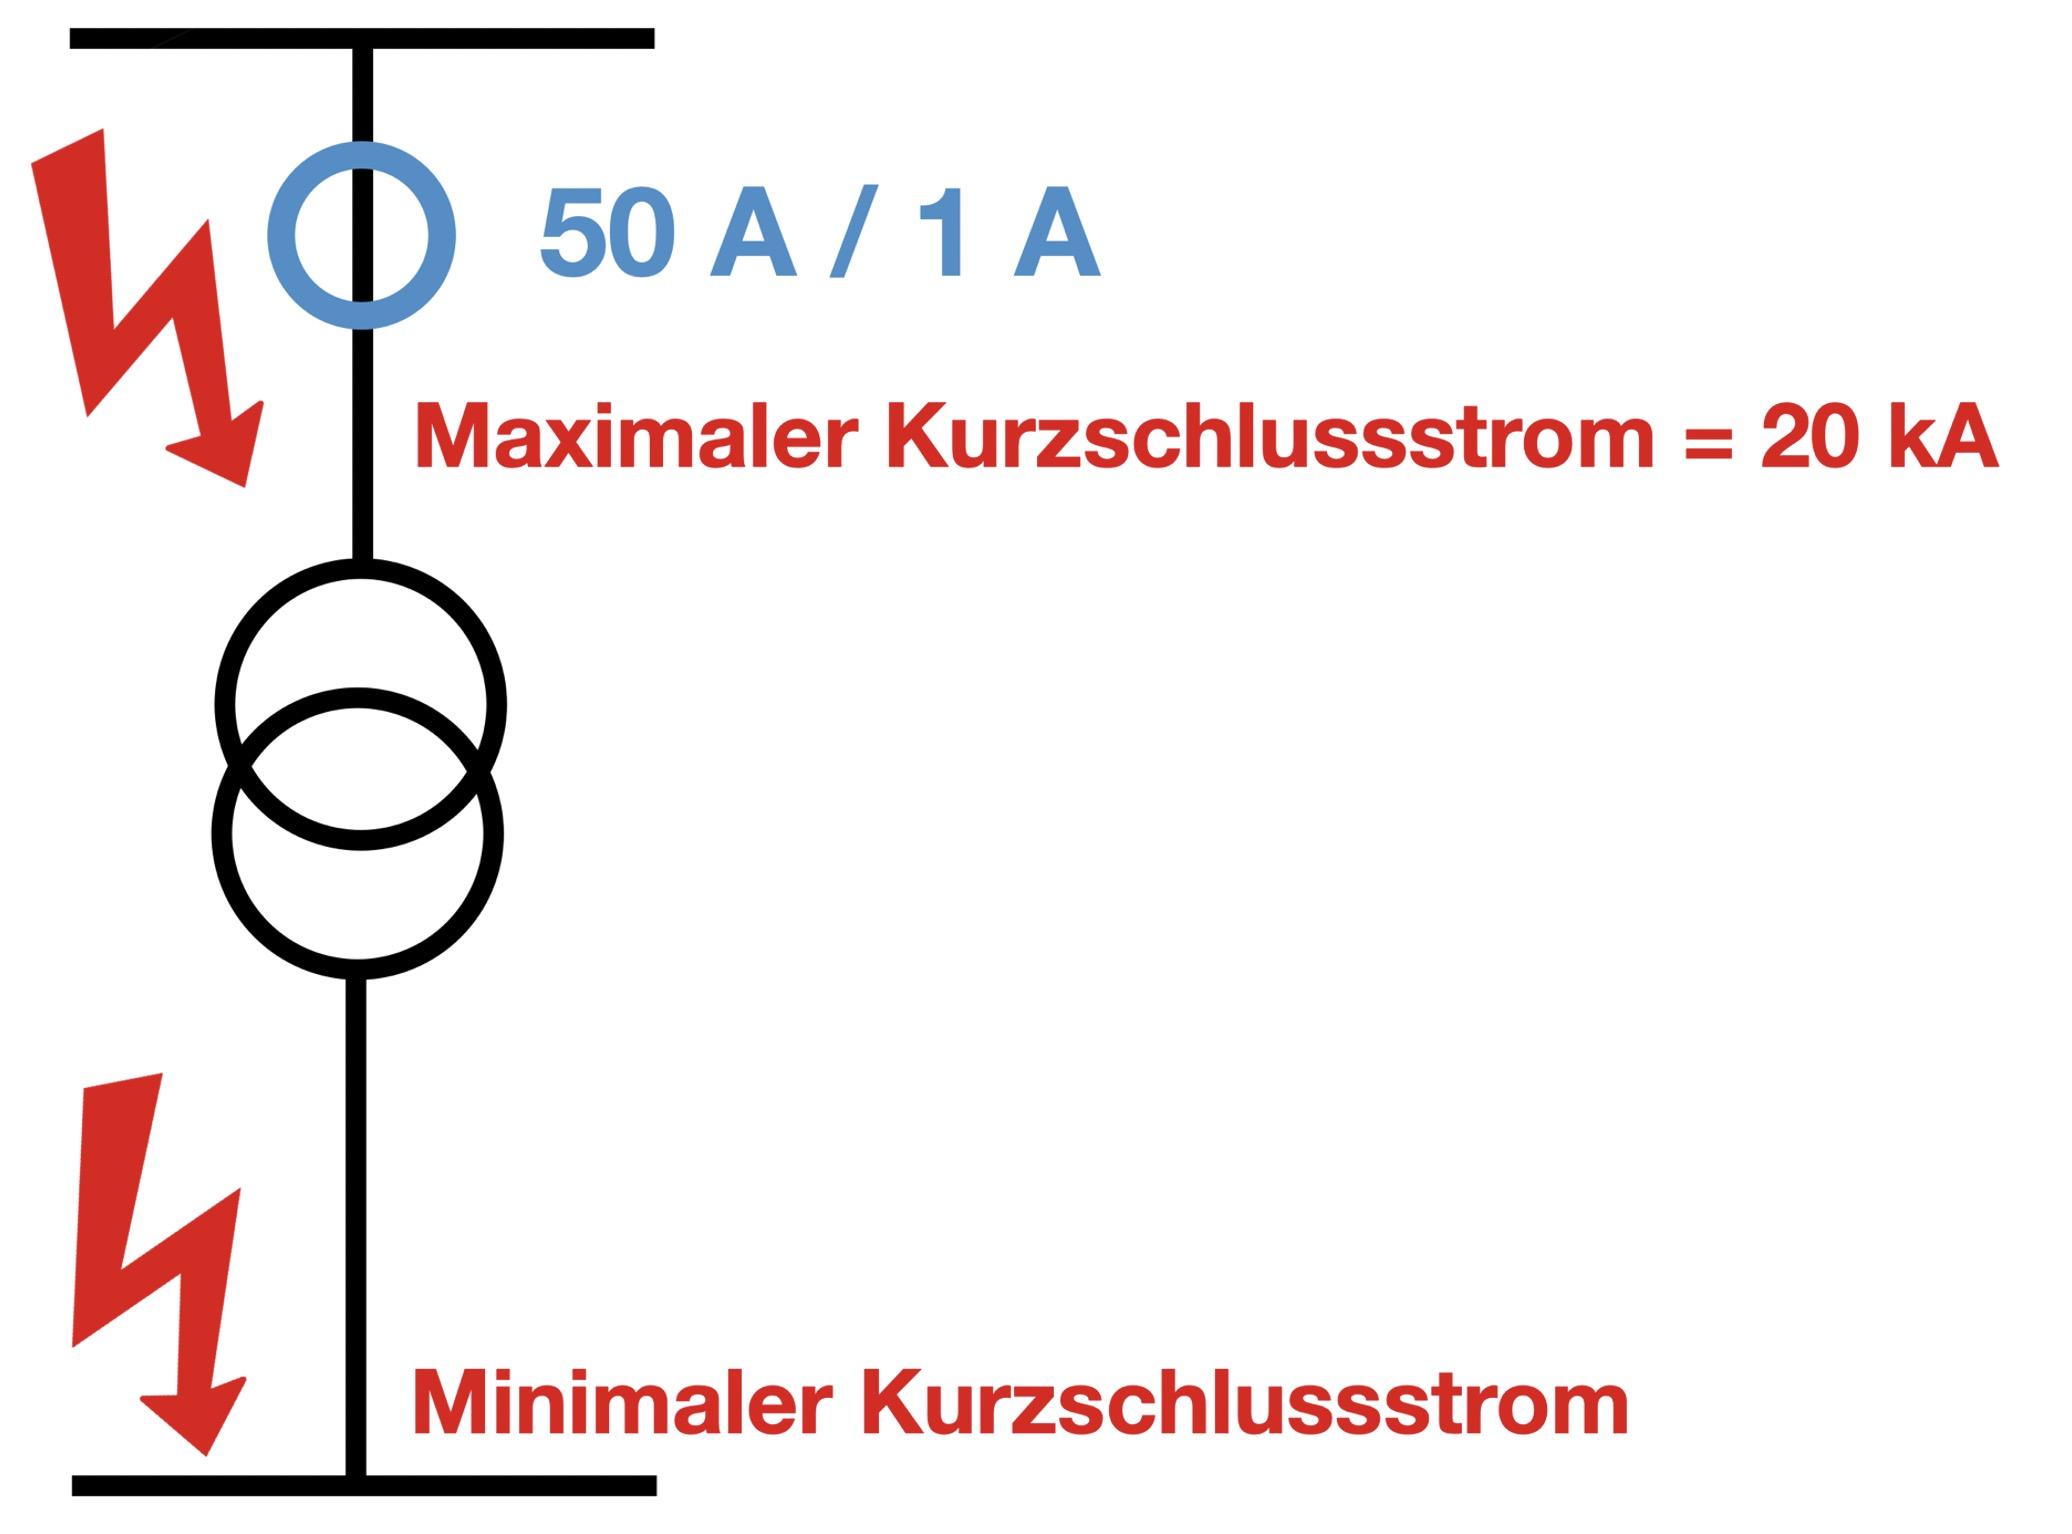 Stromwandler, Auslegung, Dimensionierung, Stromwandlerauslegung, Stromwandlerseminar, Woodward, SEG, Wandlersättigung, Remanenz